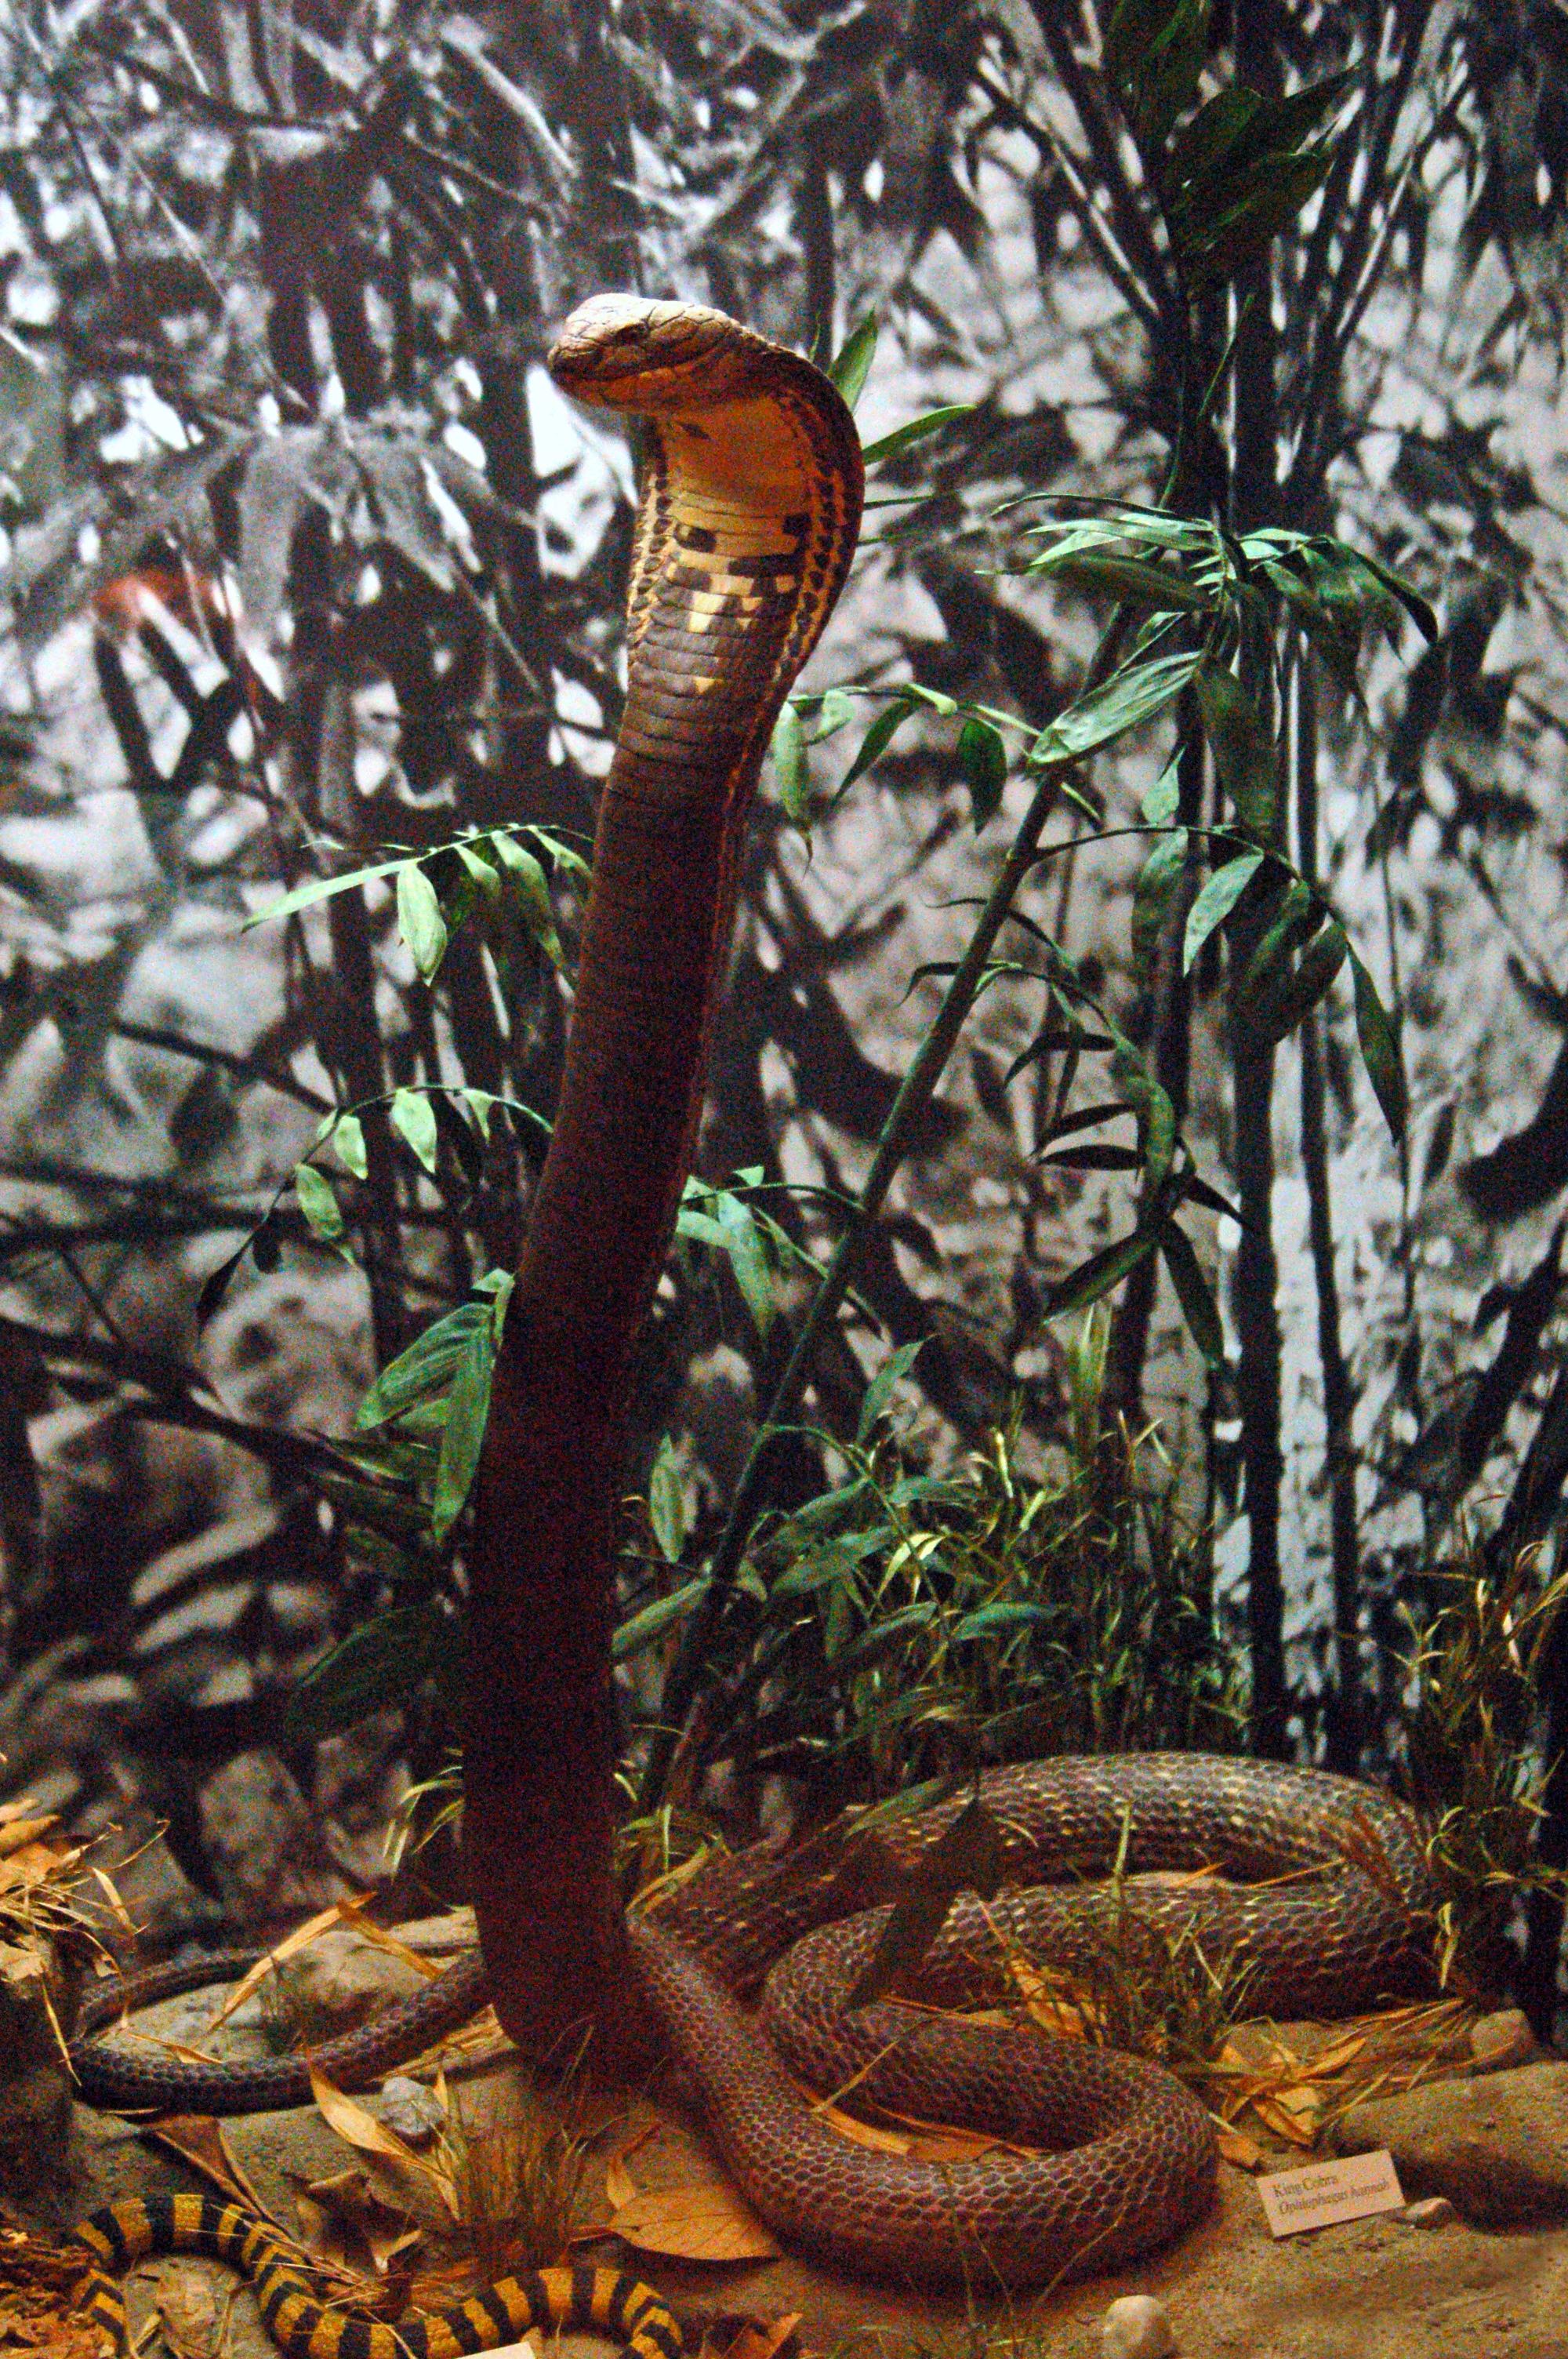 File:Elapidae - Ophiophagus hannah.JPG - Wikimedia Commons